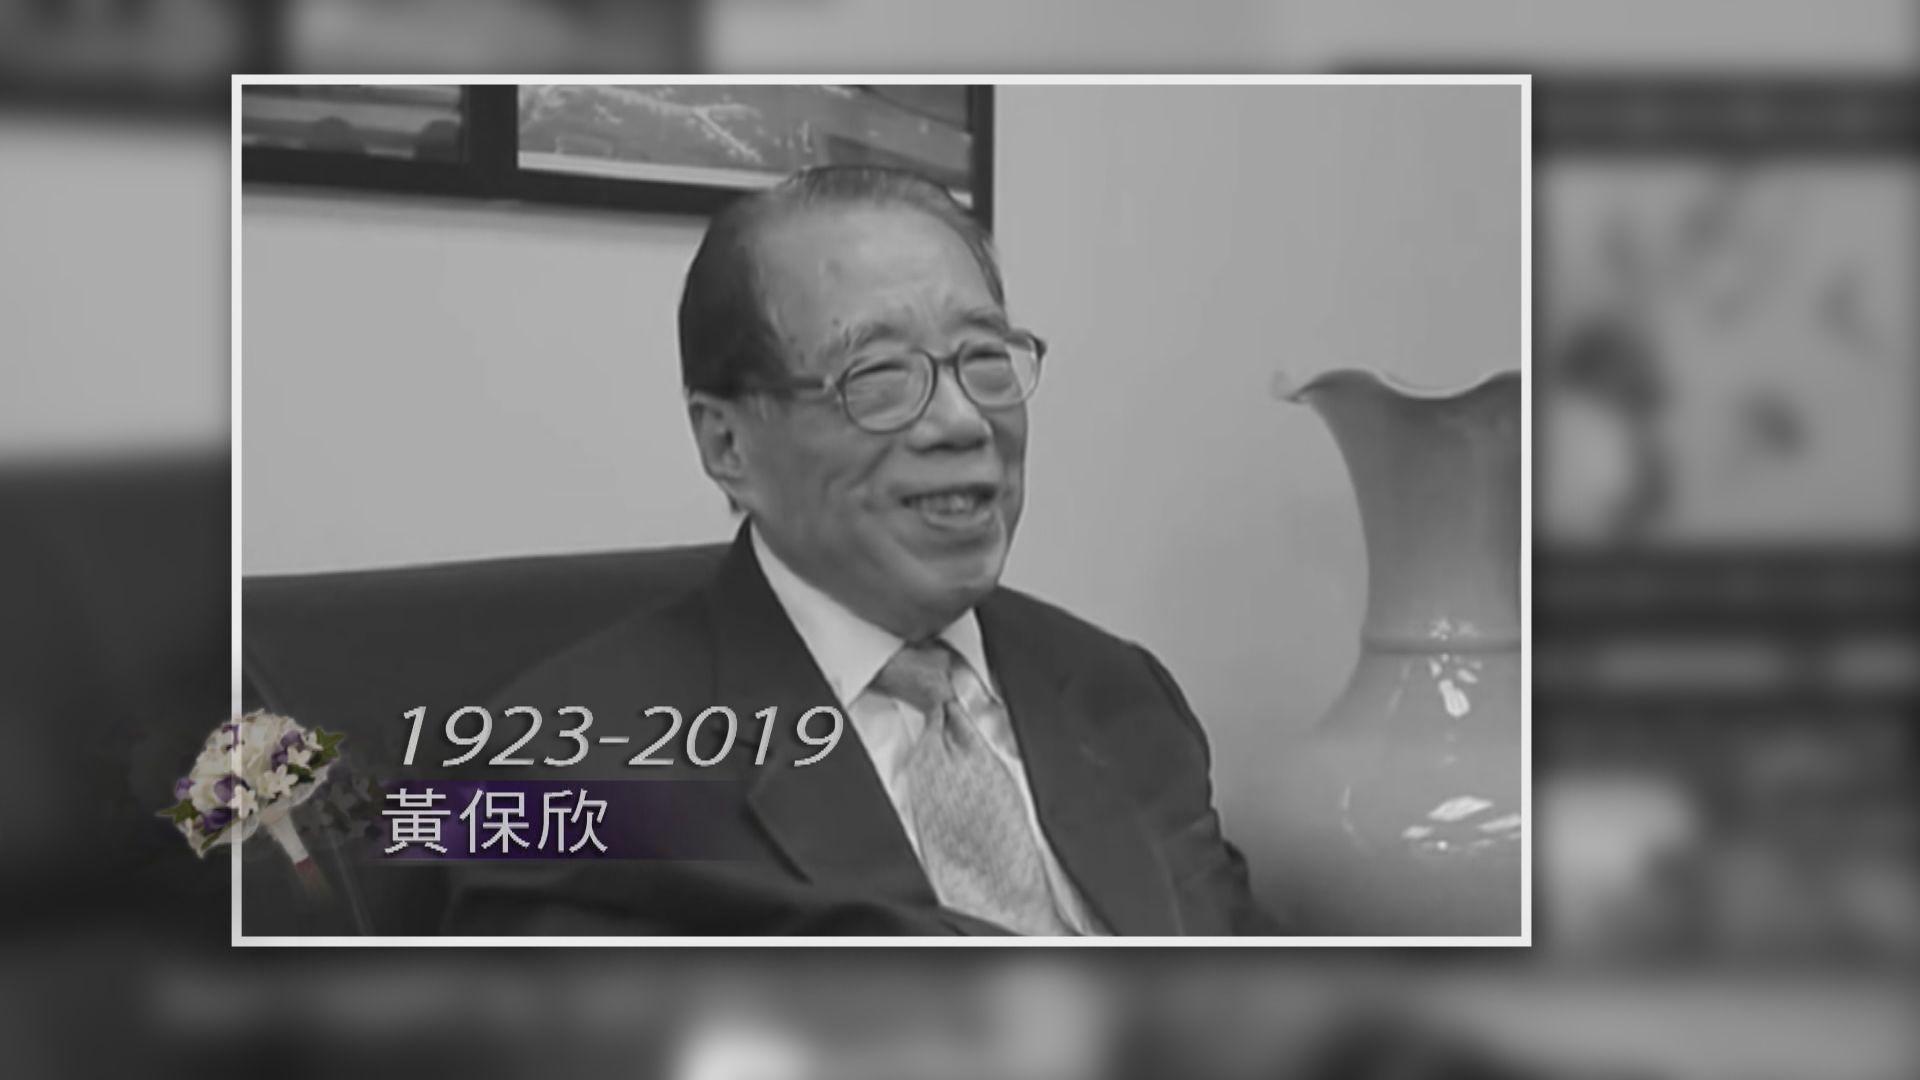 【享年96歲】黃保欣為首任機管局主席 見證啟德機場搬遷